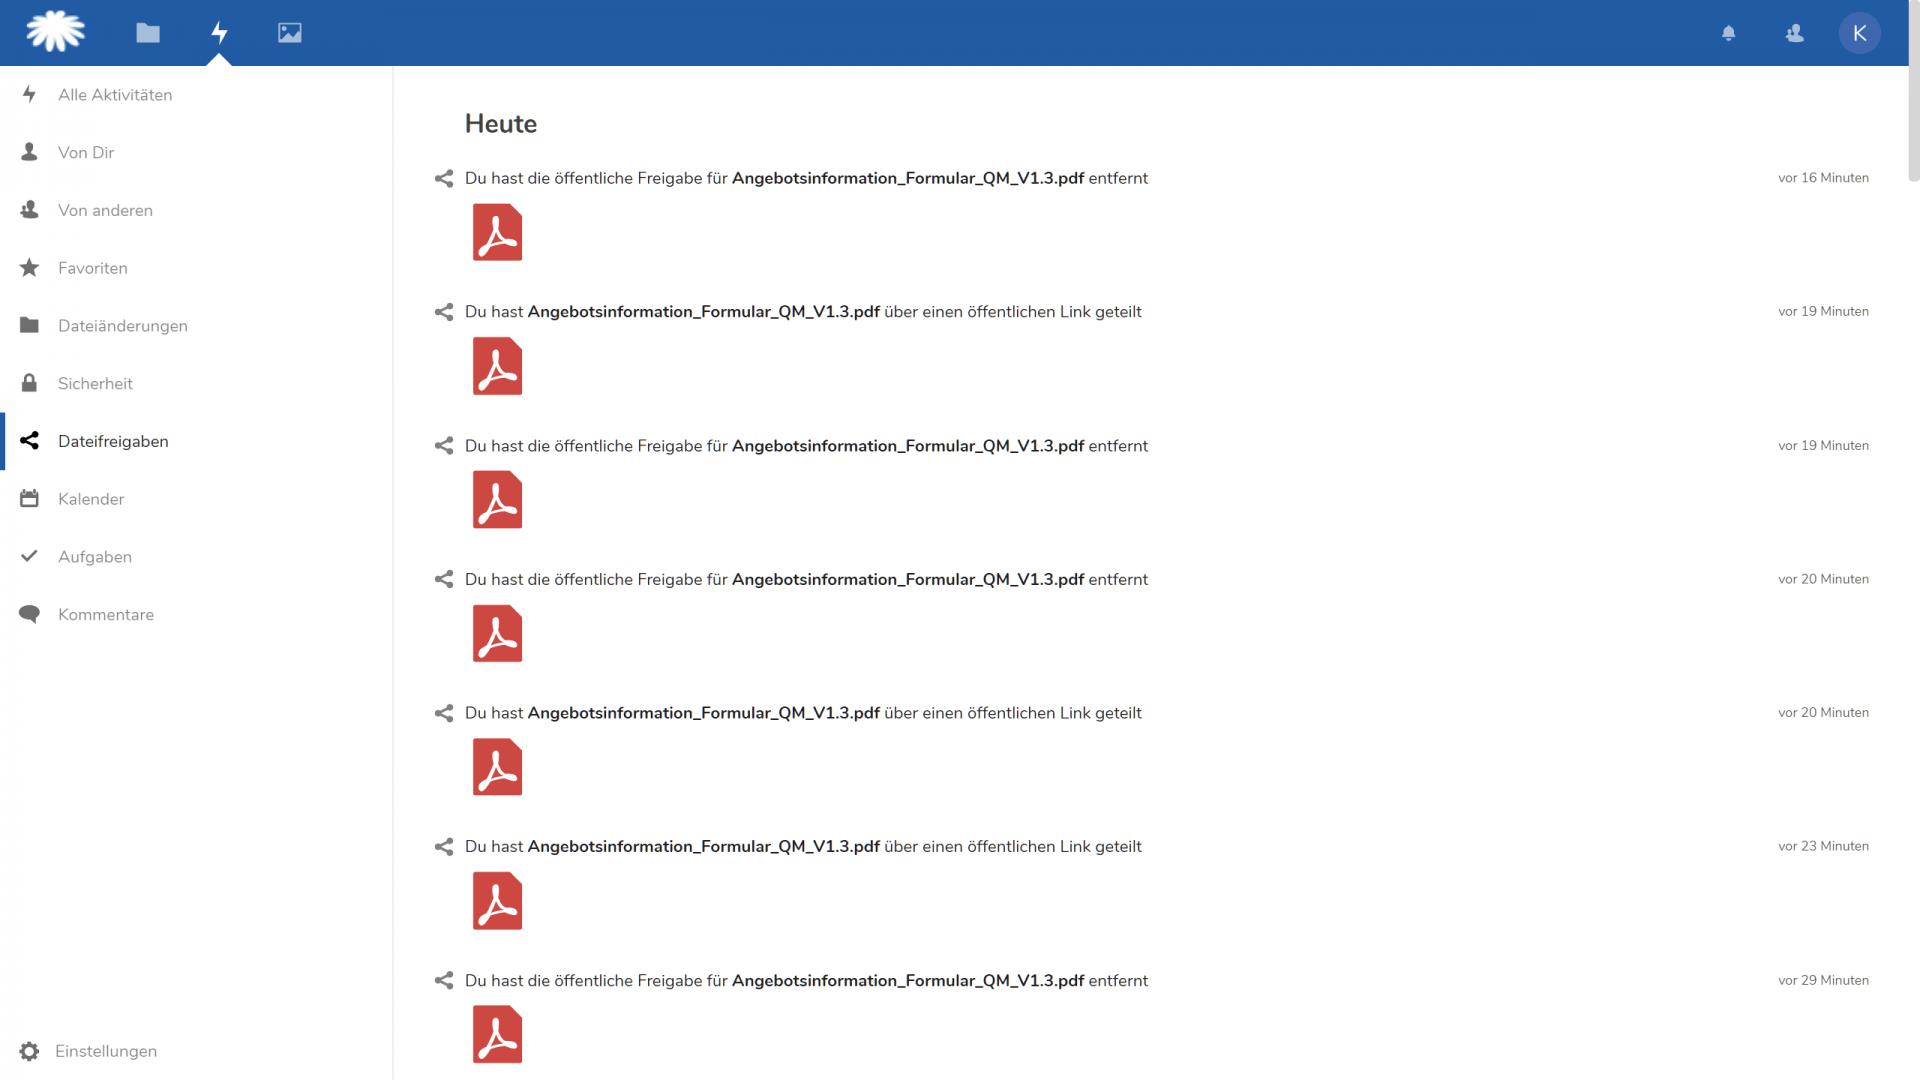 Dateifreigaben nachverfolgen